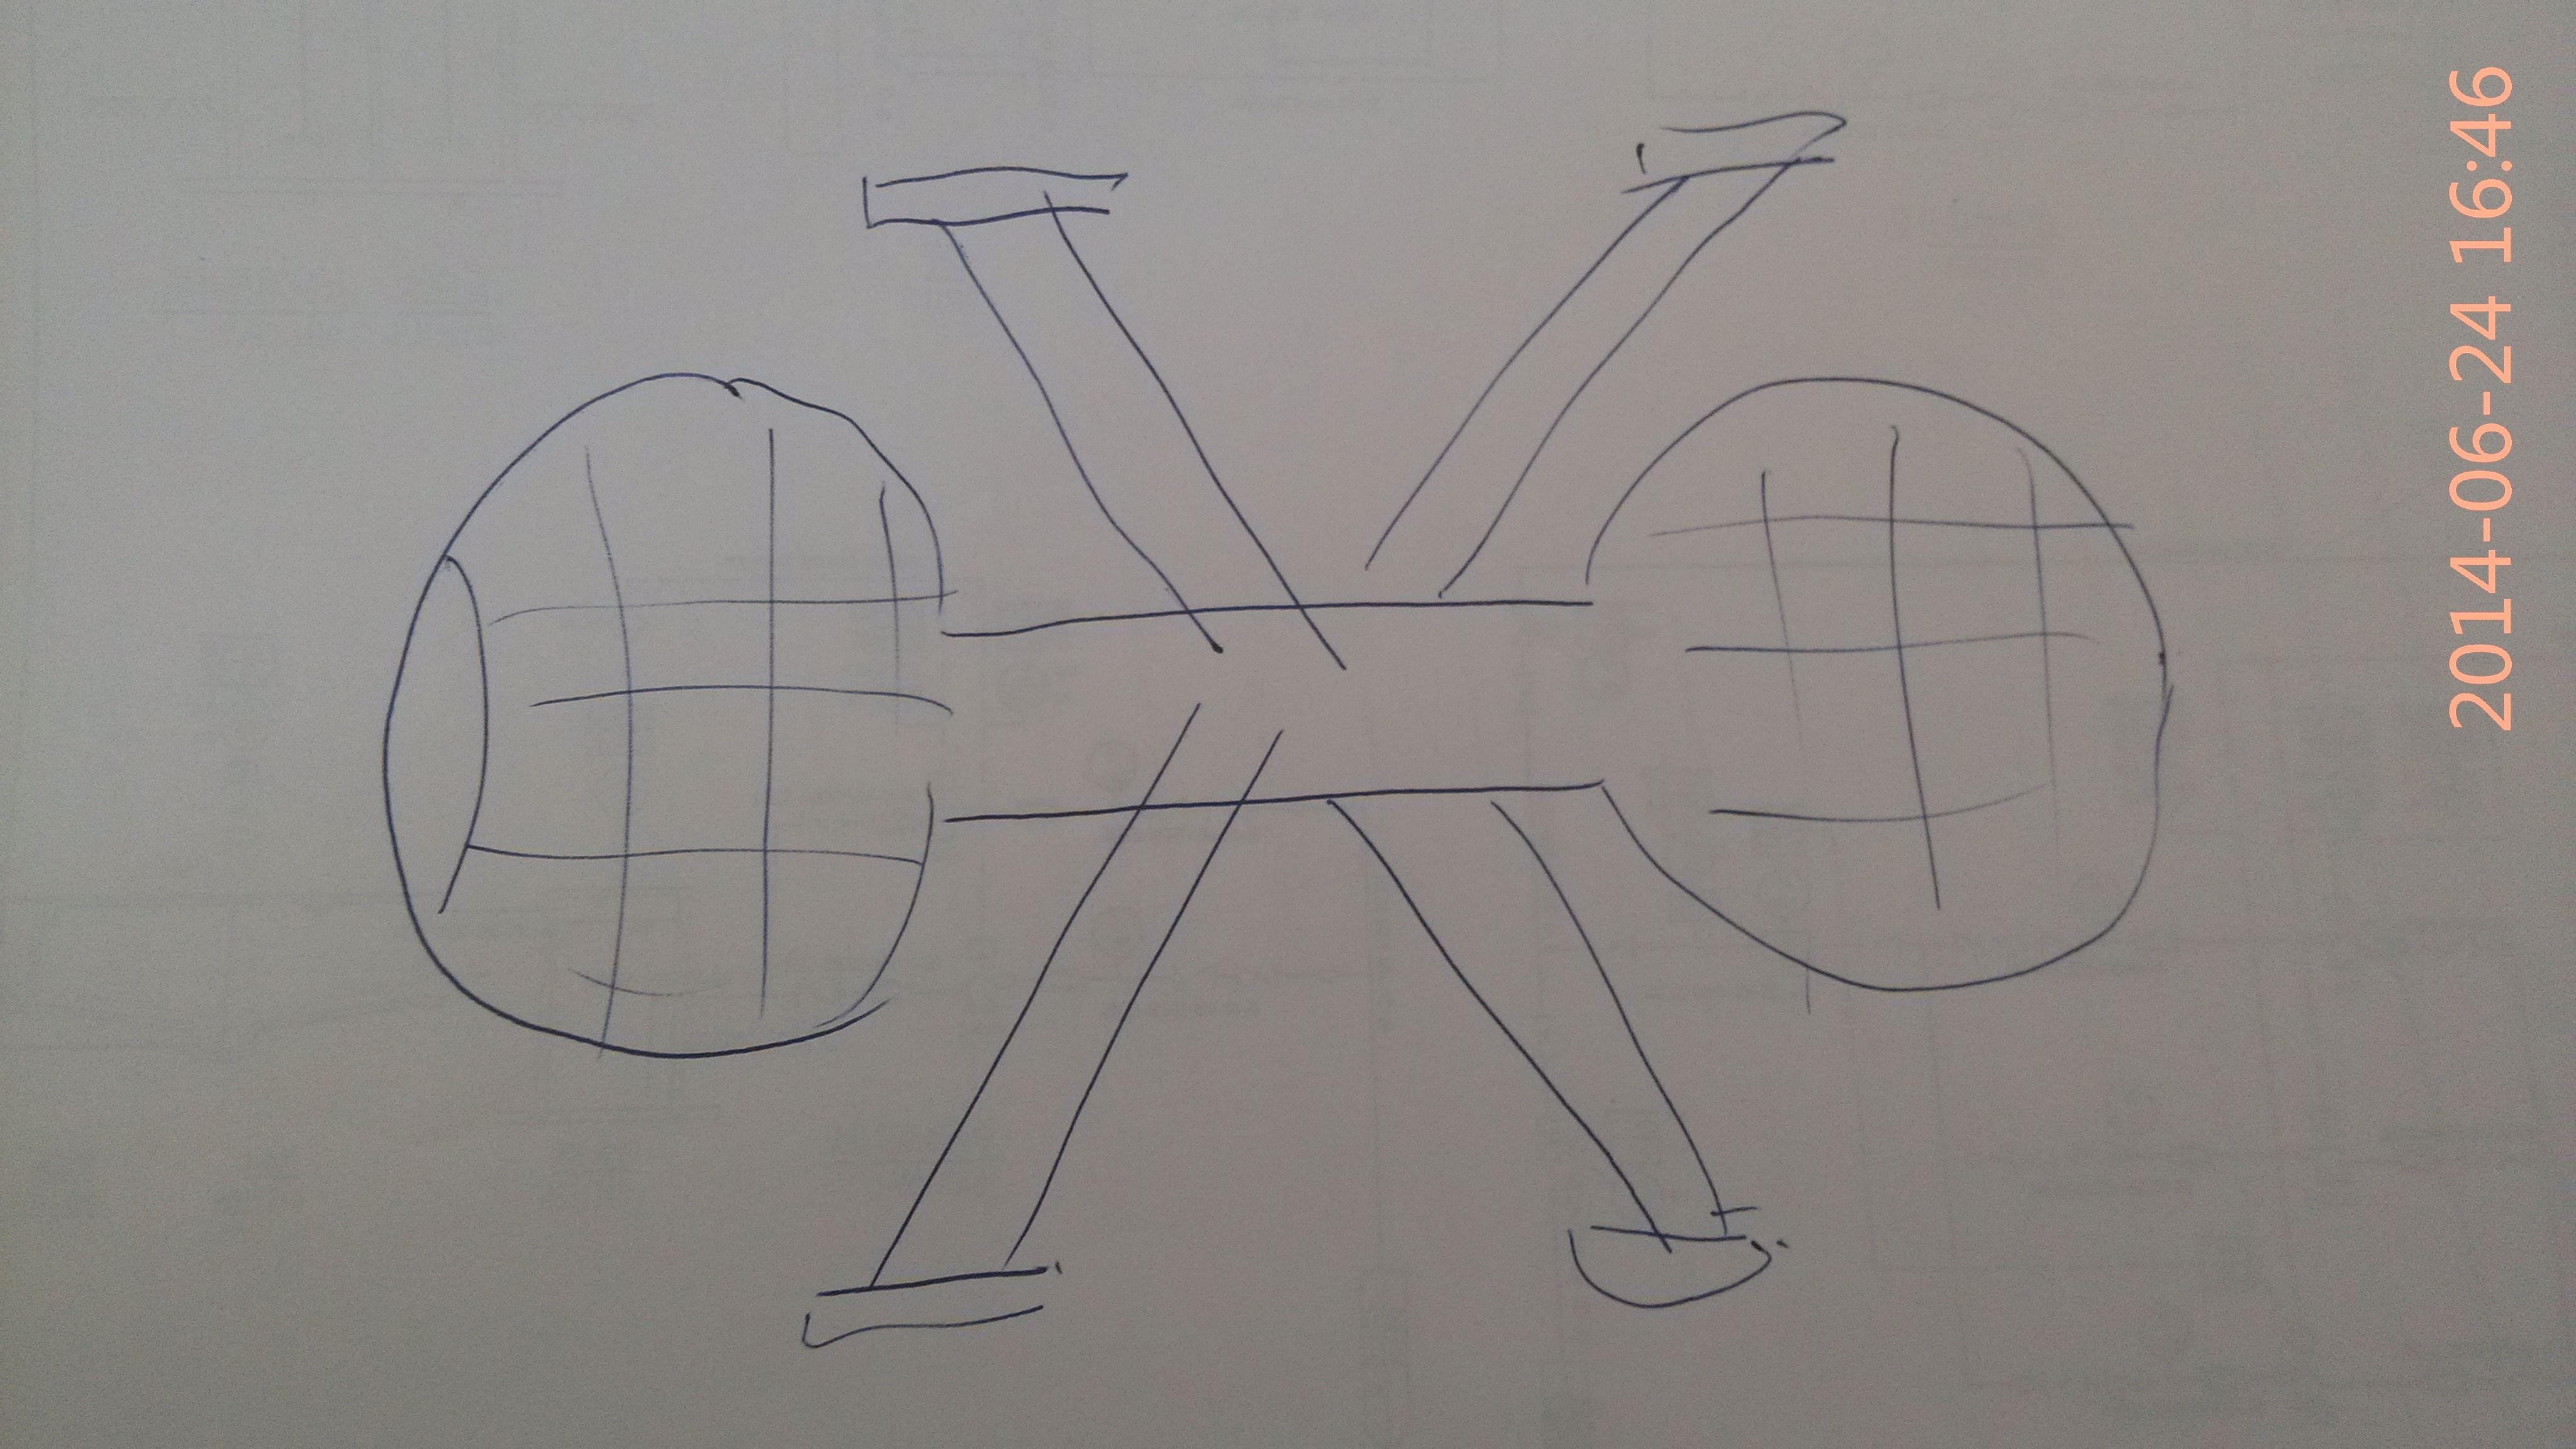 求一日本动漫片,手绘了星际飞船的简图